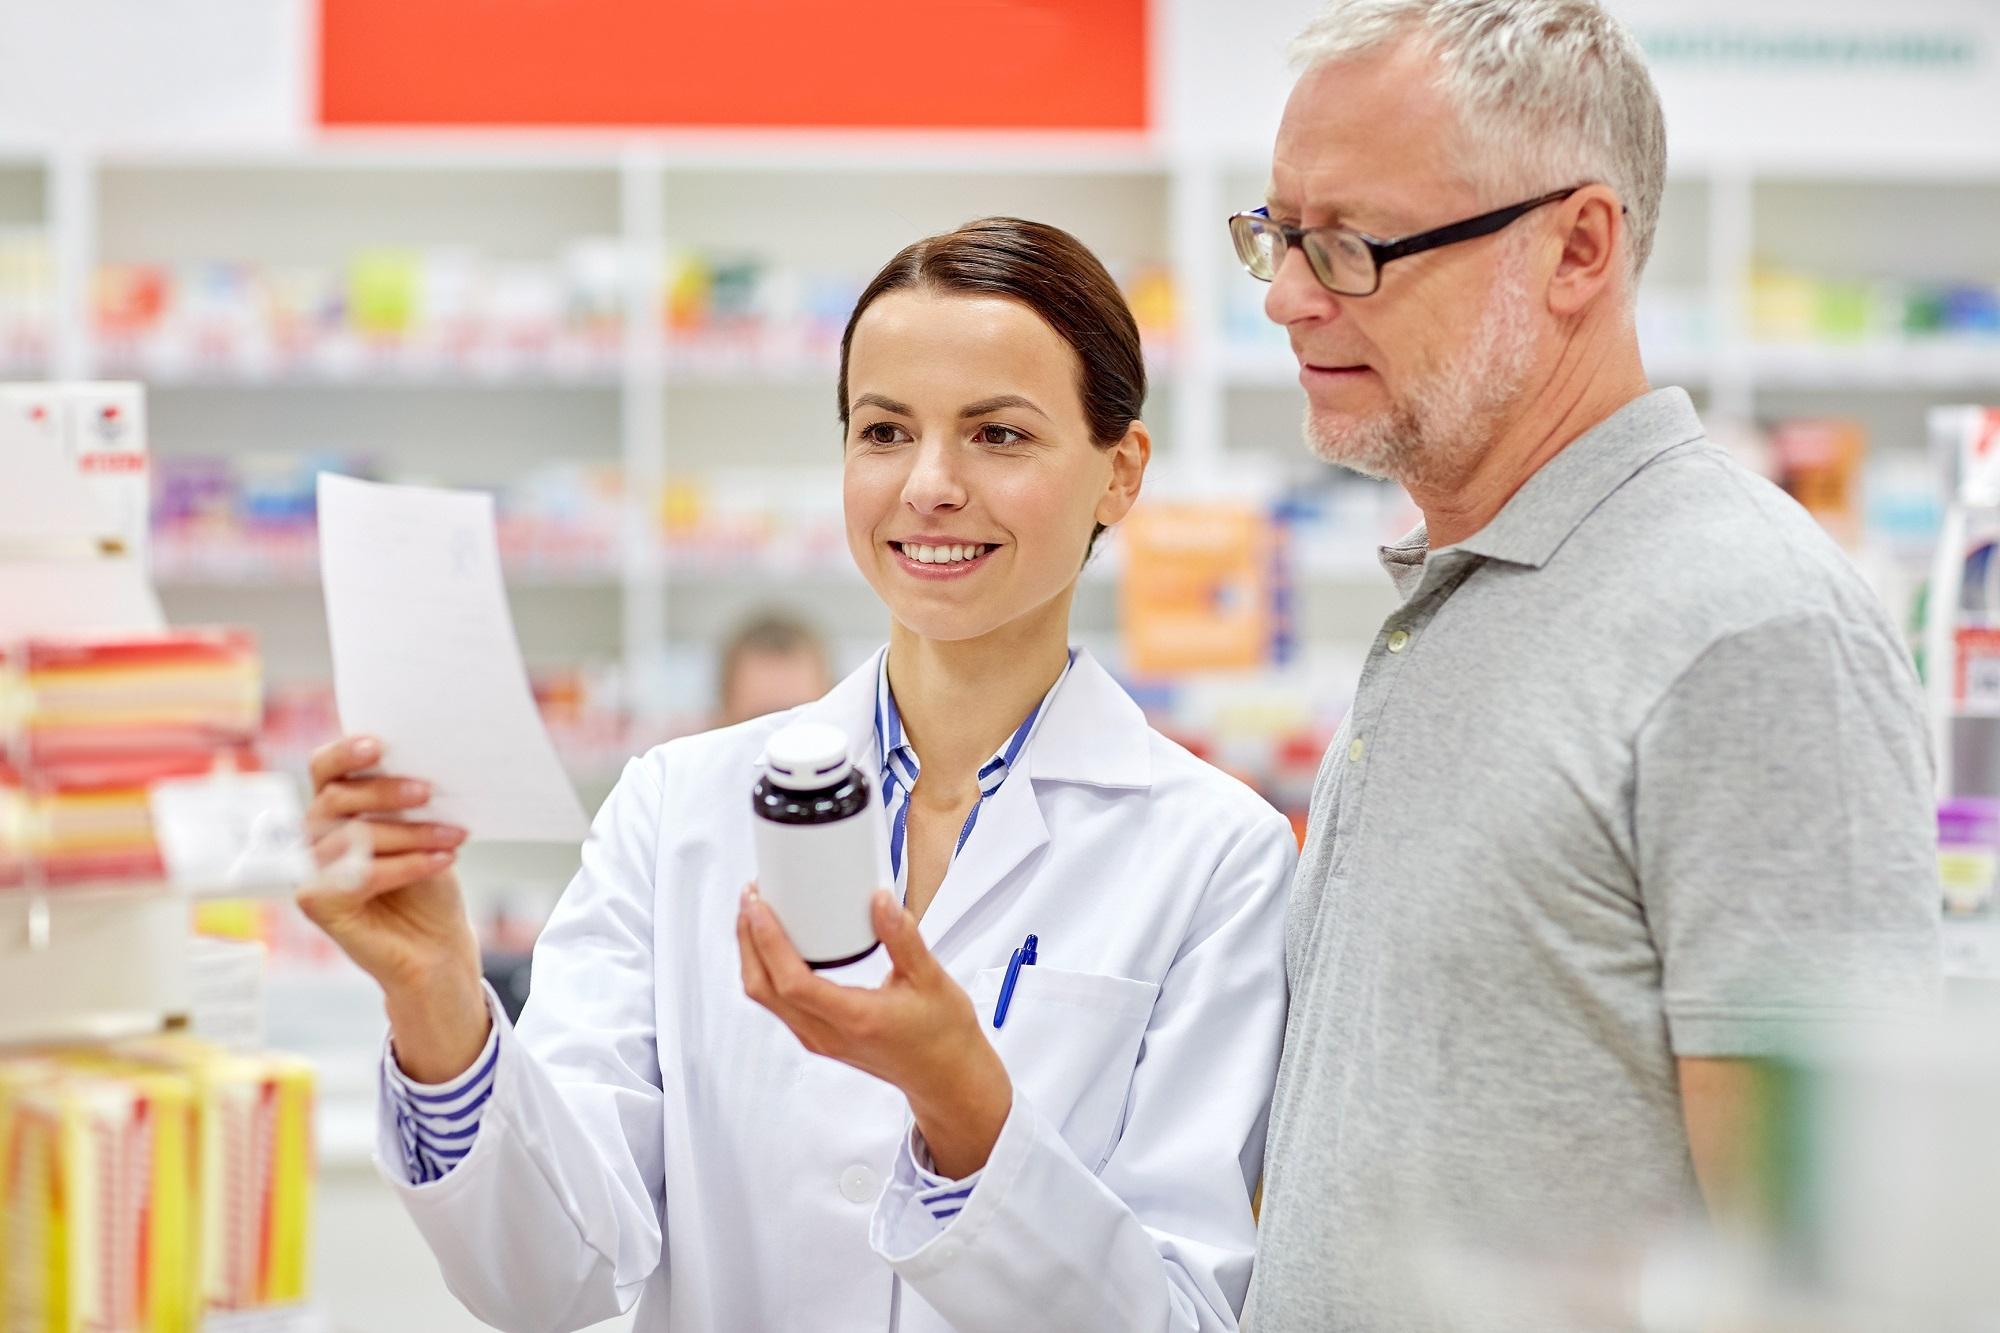 Sharecare fecha parceria pioneira para oferecer descontos em medicamentos